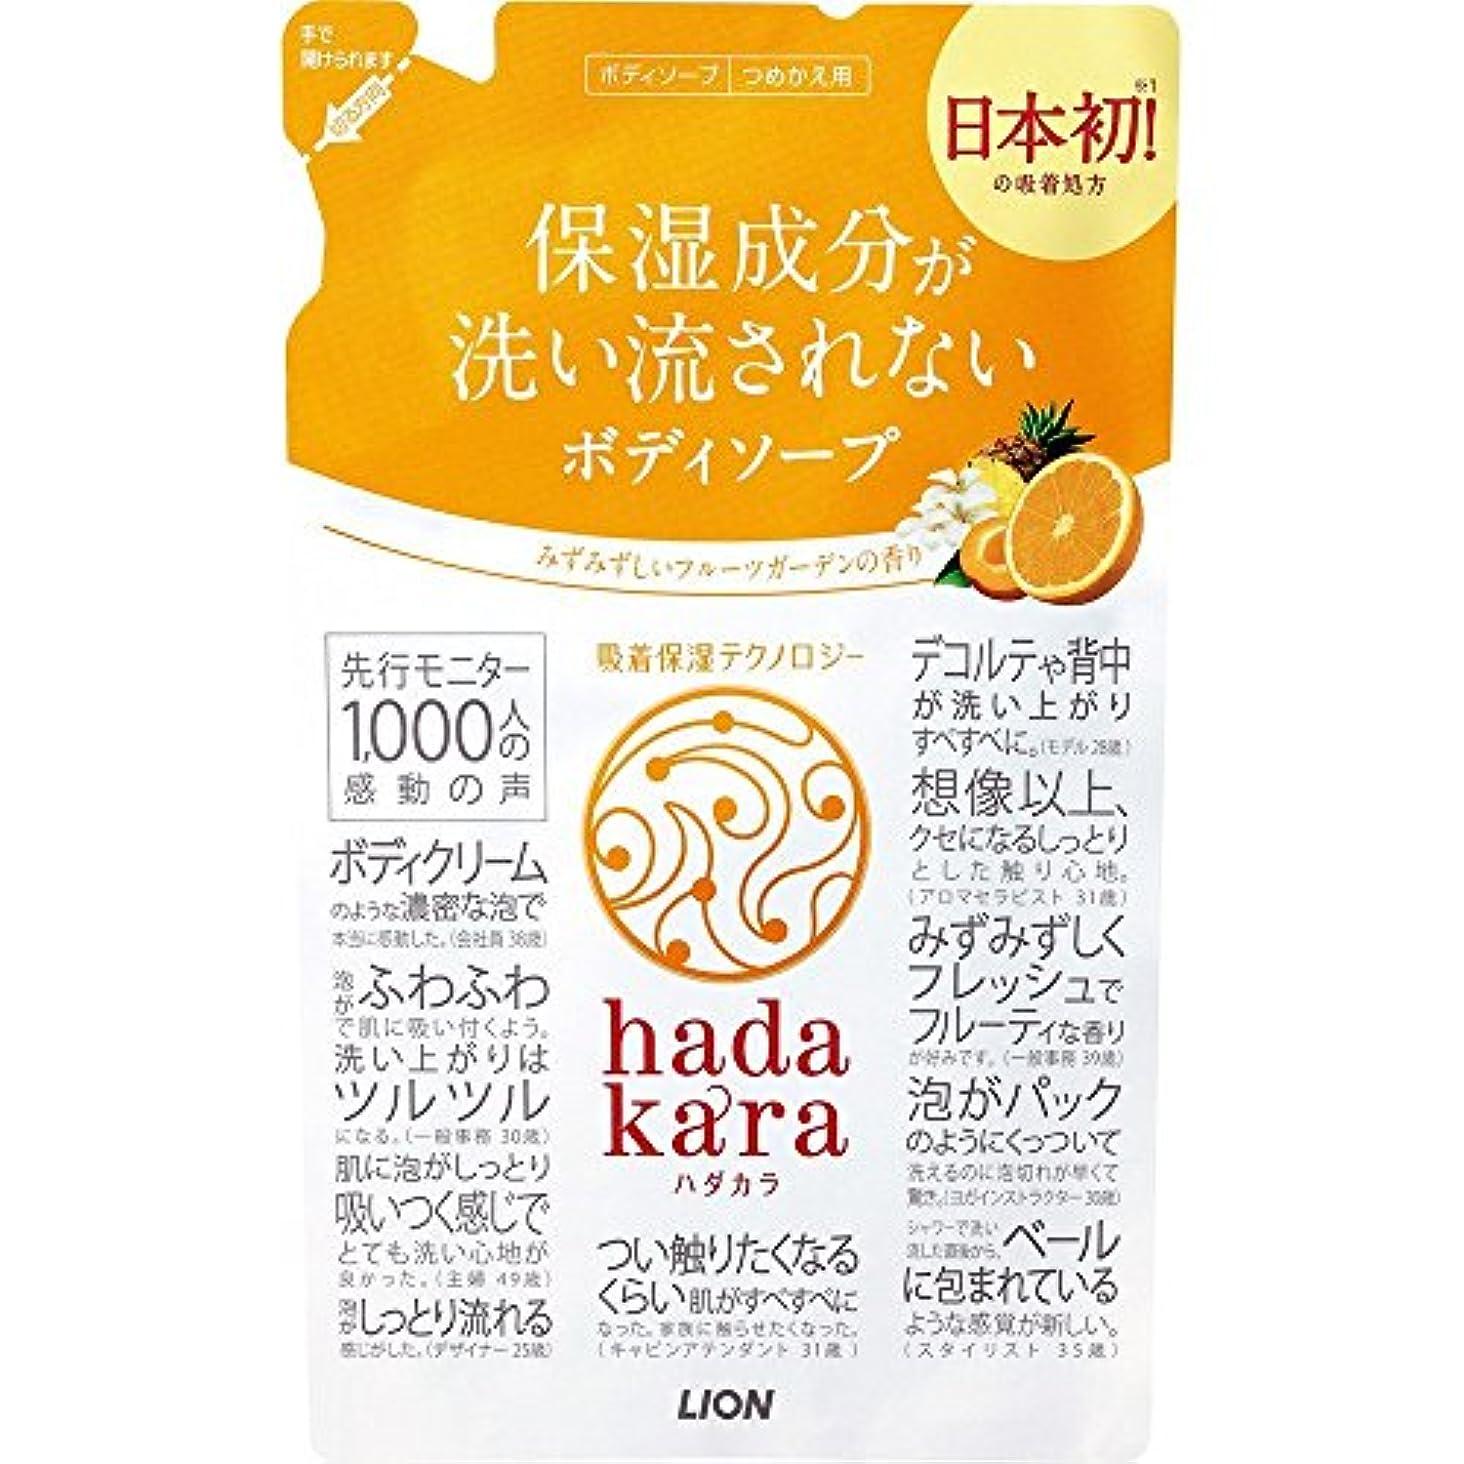 バージン文ロッカーhadakara(ハダカラ) ボディソープ フルーツガーデンの香り 詰め替え 360ml